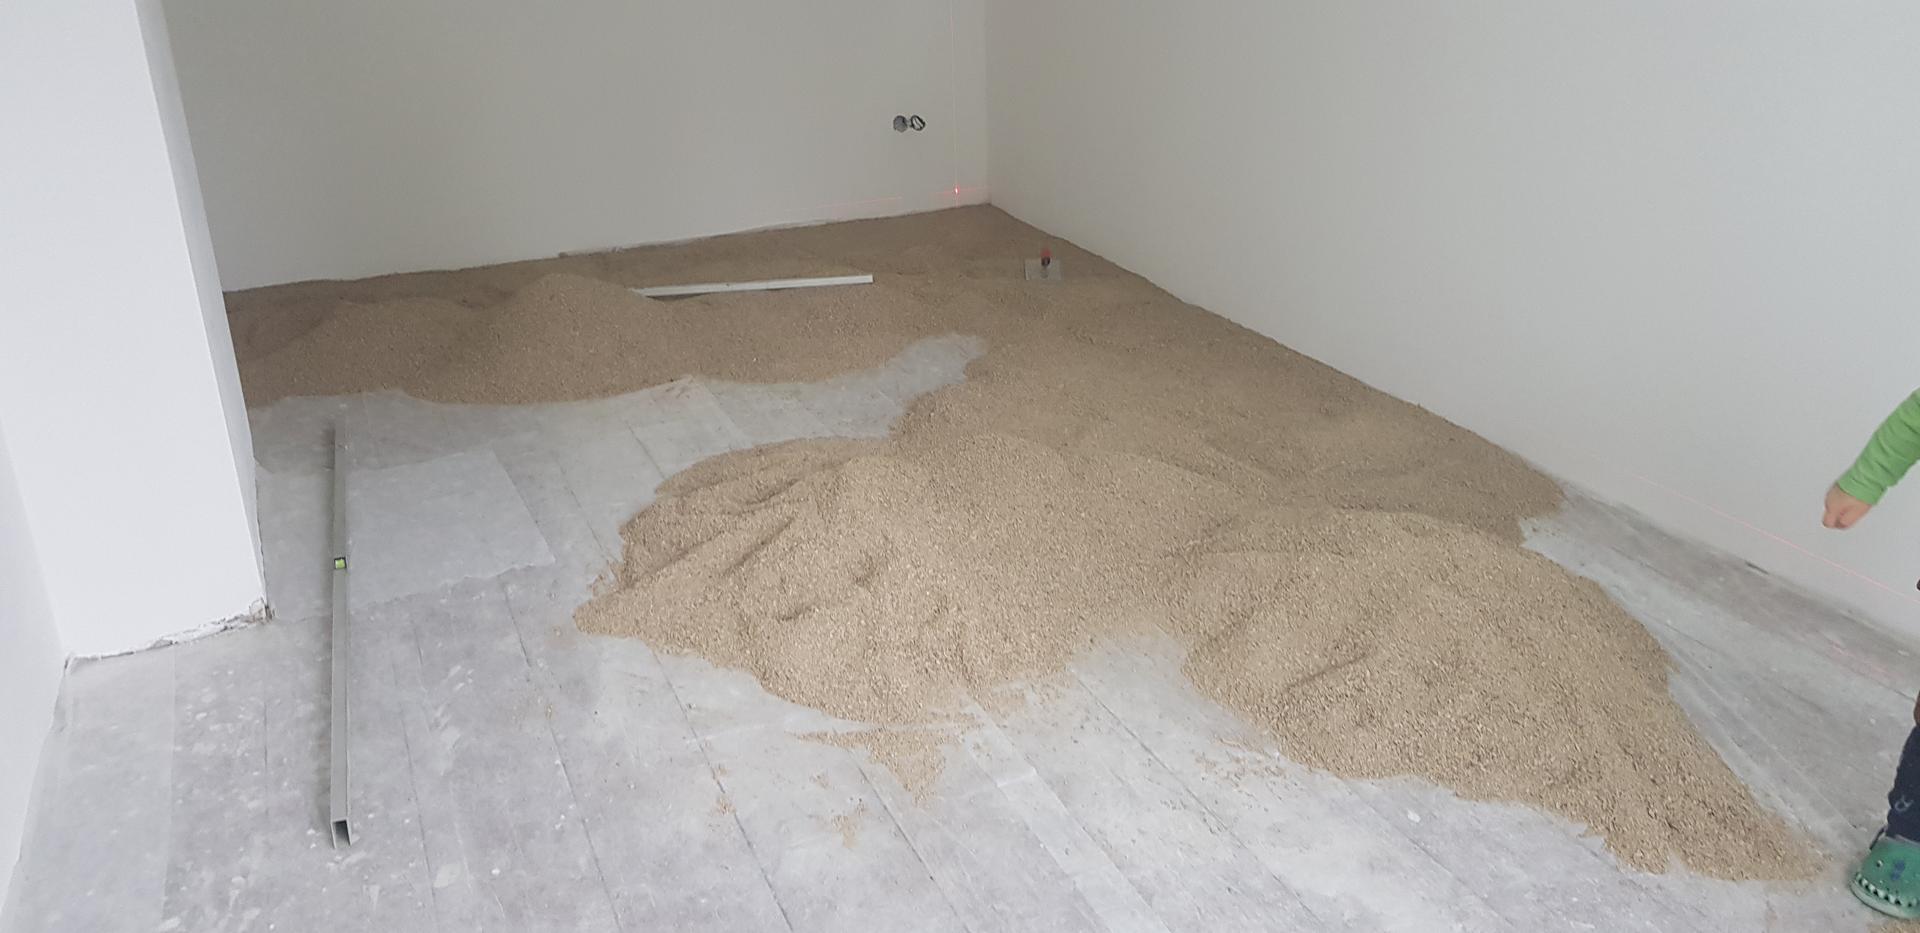 Naša rekonštrukcia - ... pôvodná podlaha bola strašne krivá, robilo to v miestnosti rozdiely aj 4cm, takže na vyrovnanie sme sa rozhodli pre drvenú štiepku cemwood 1000